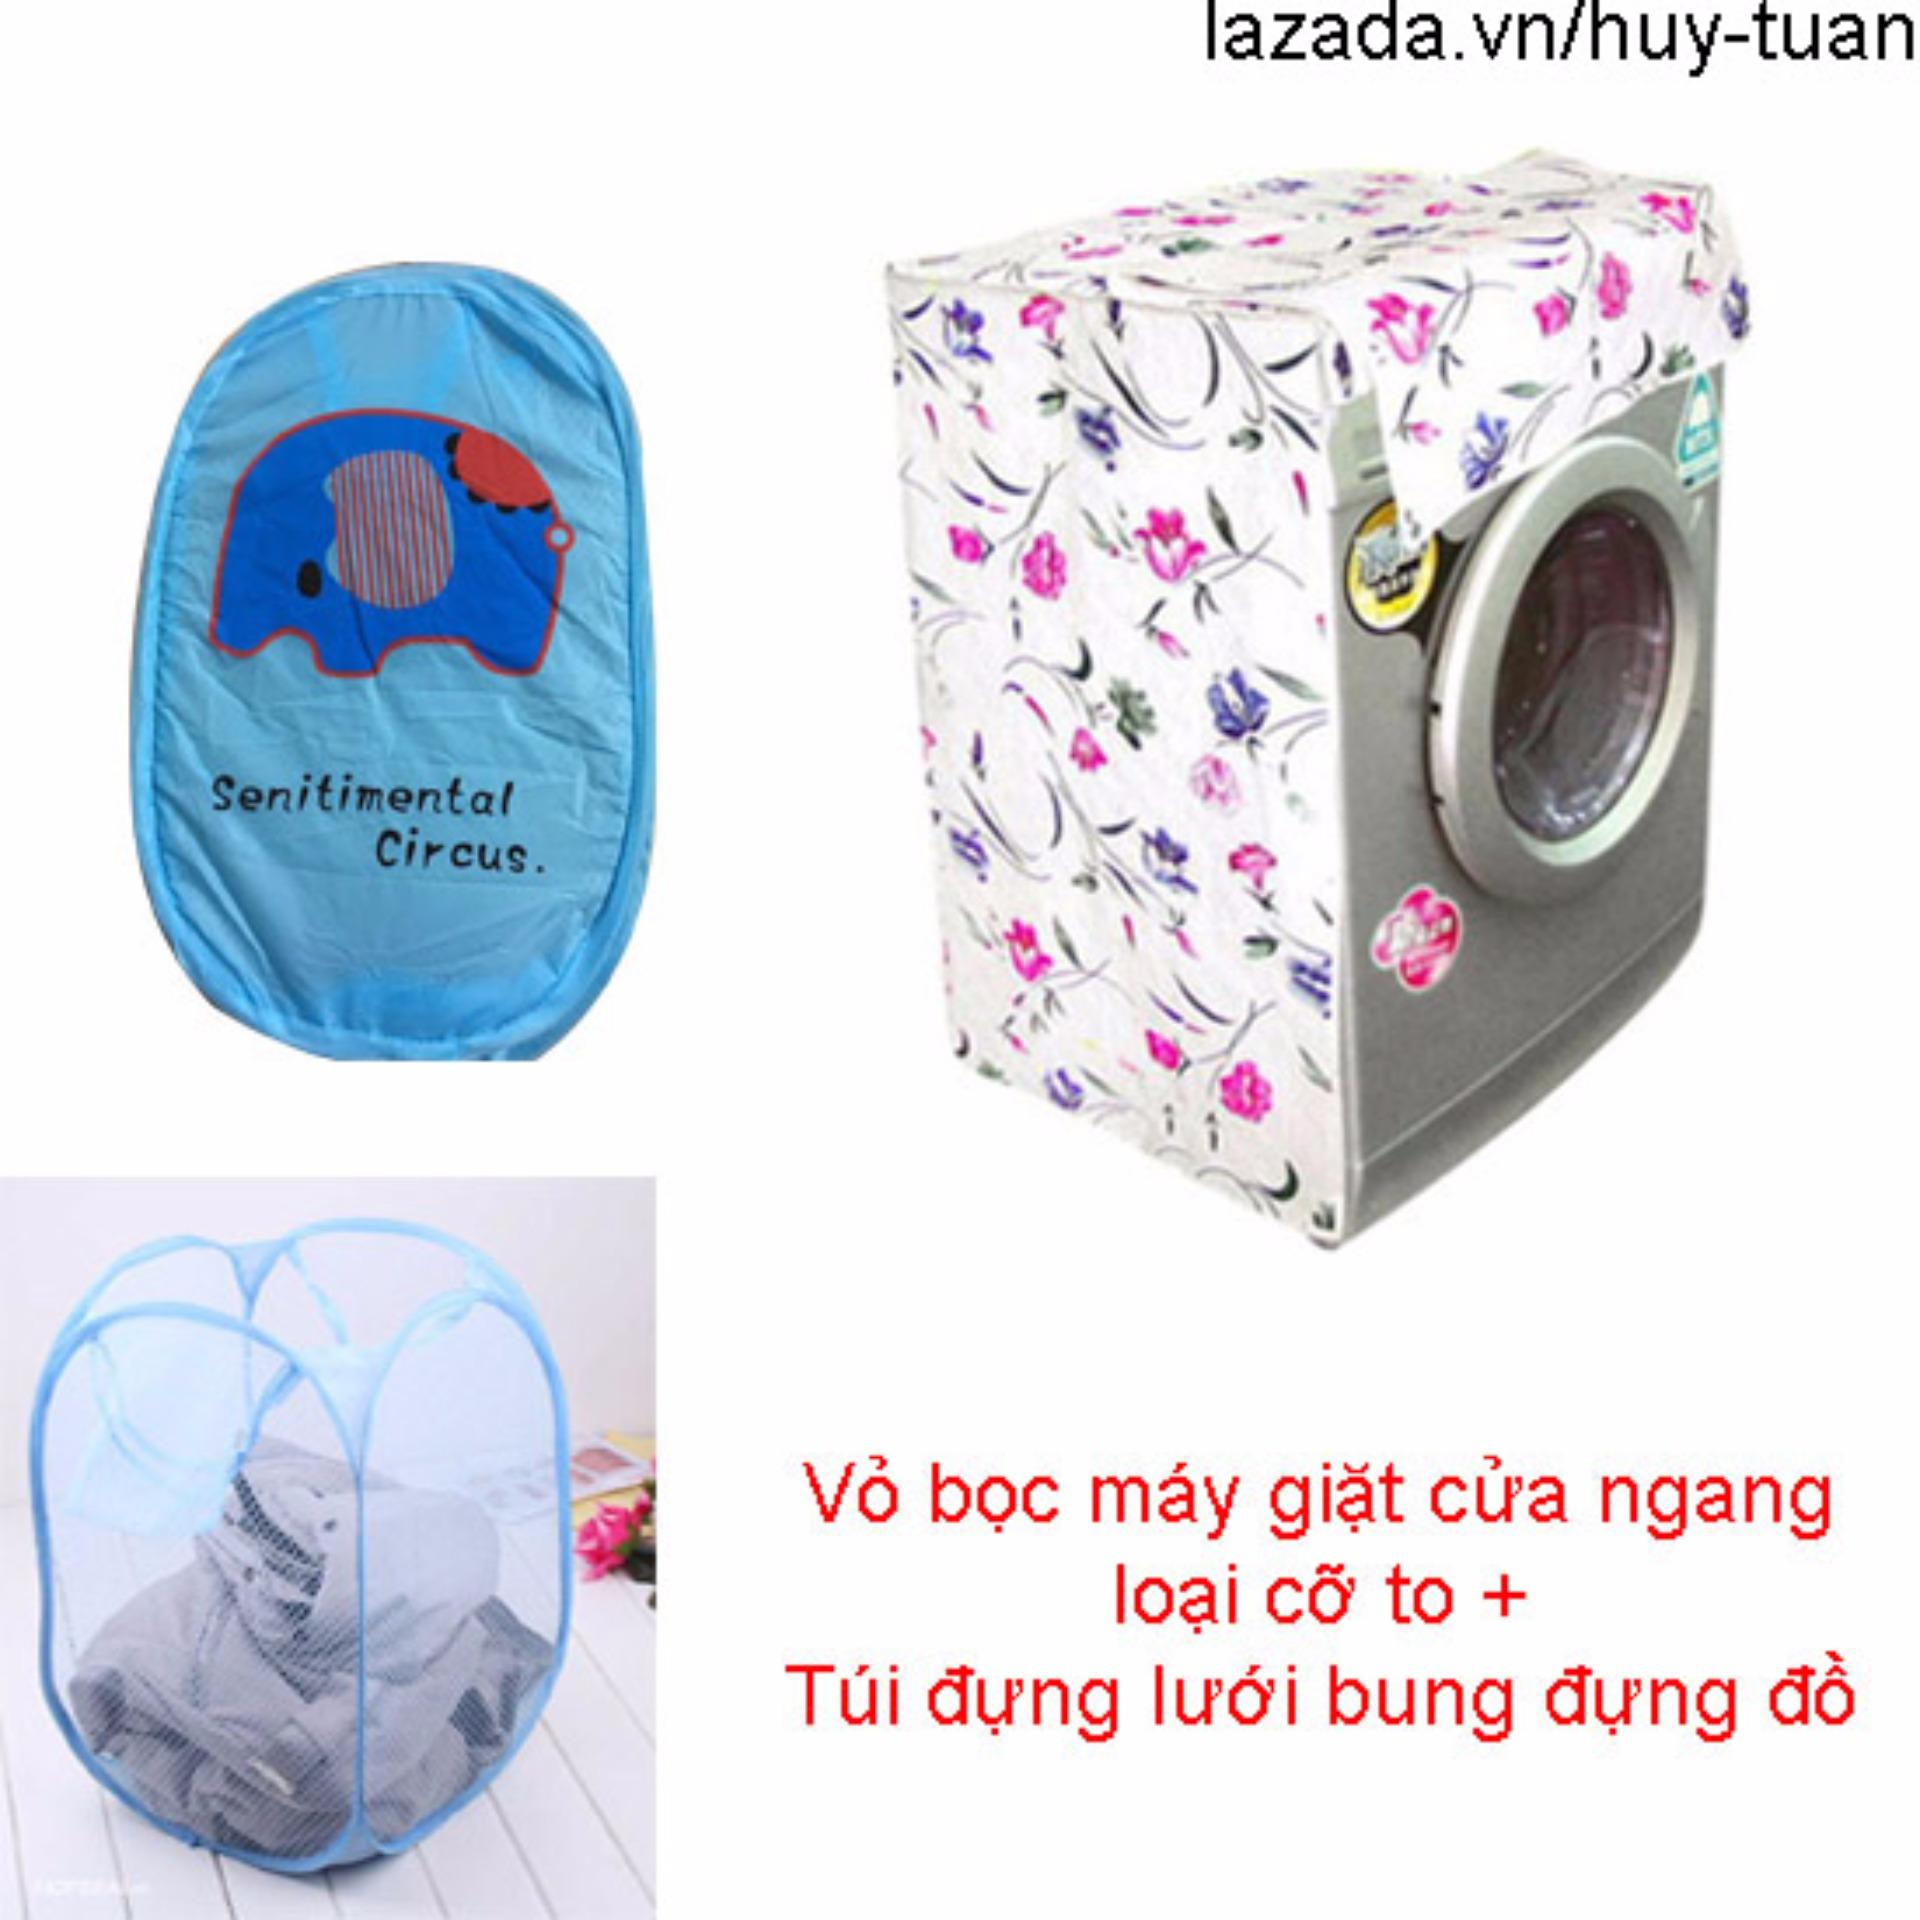 Vỏ bọc máy giặt cửa ngang cỡ to ( màu ngẫu nhiên ) + túi lưới bung ( Xanh dương )